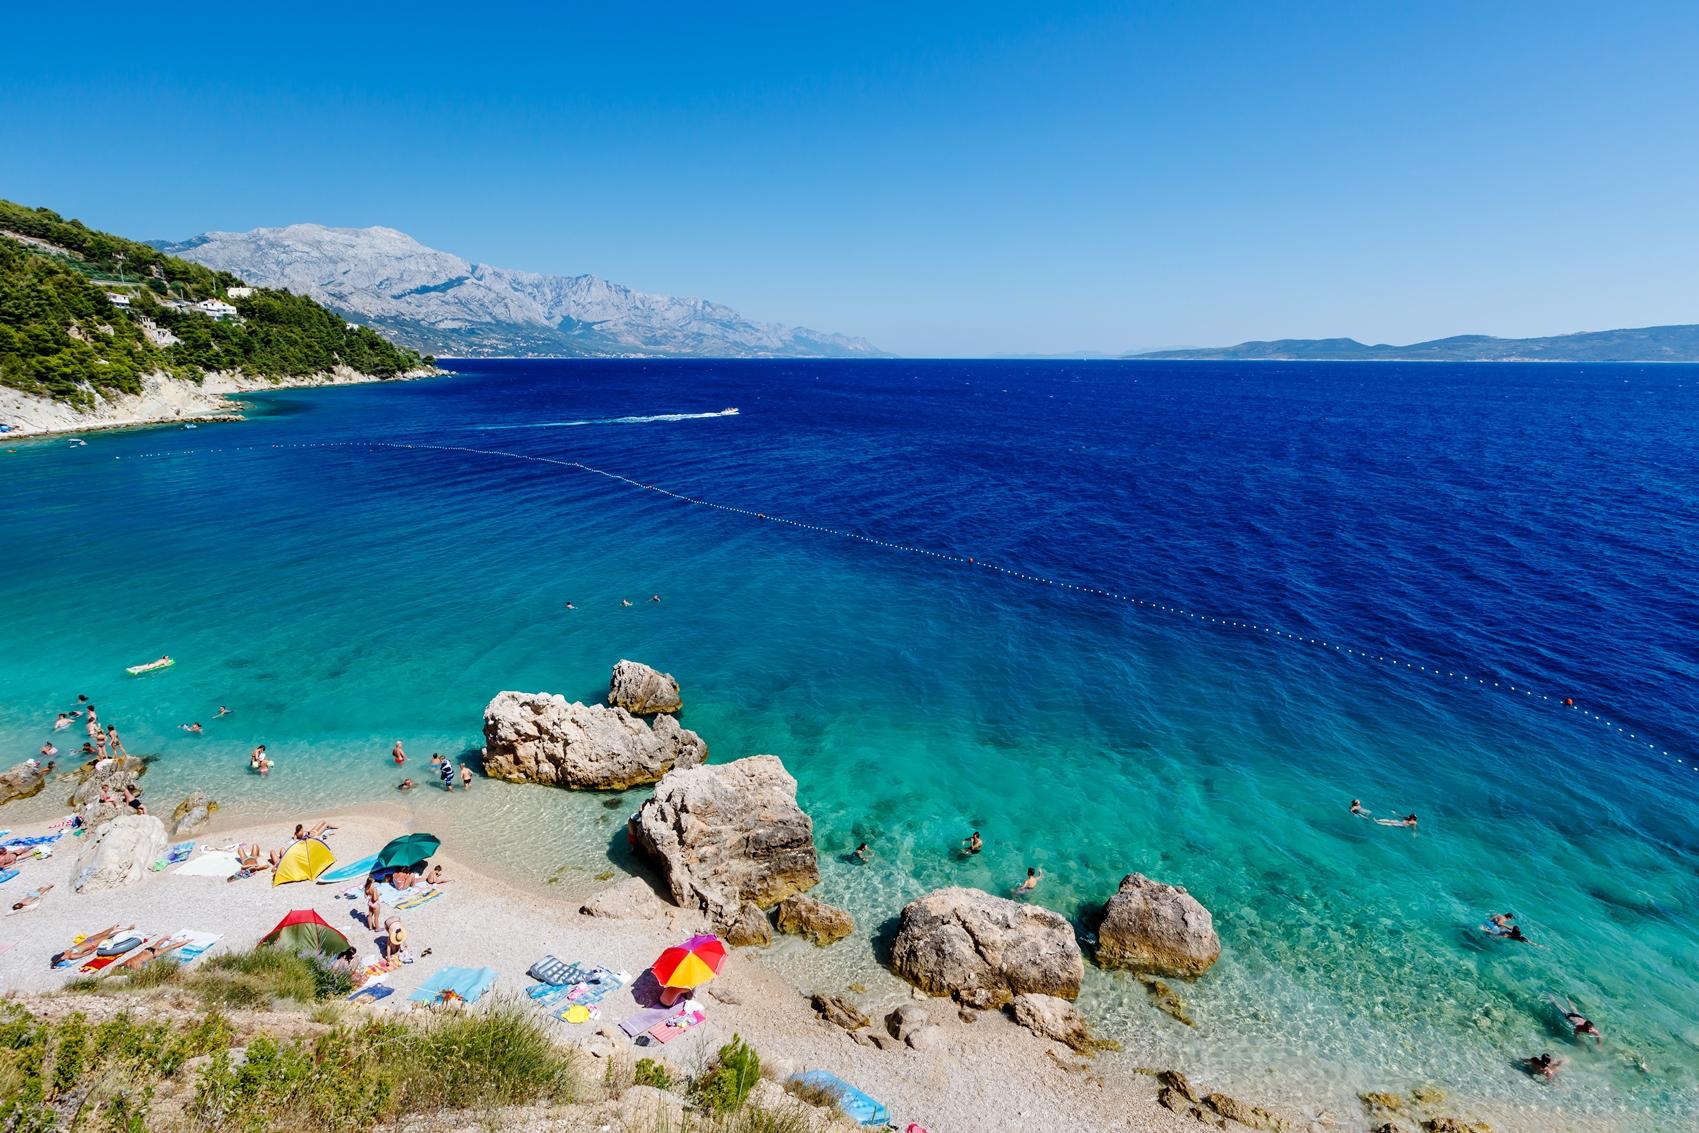 Хорватия, город - курорт Сплит, Адриатическое море, пляж